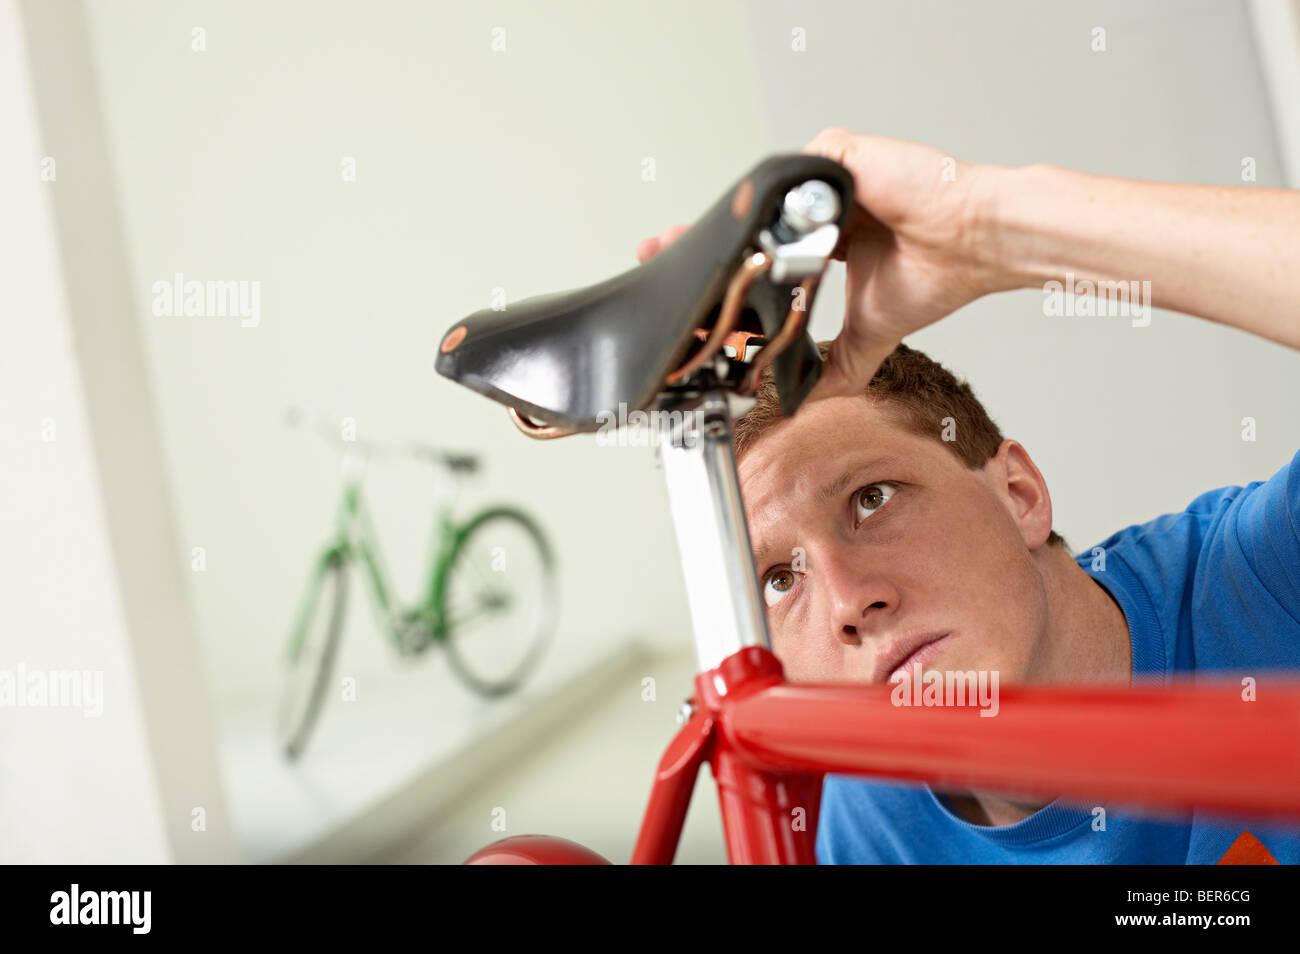 man checking saddle - Stock Image